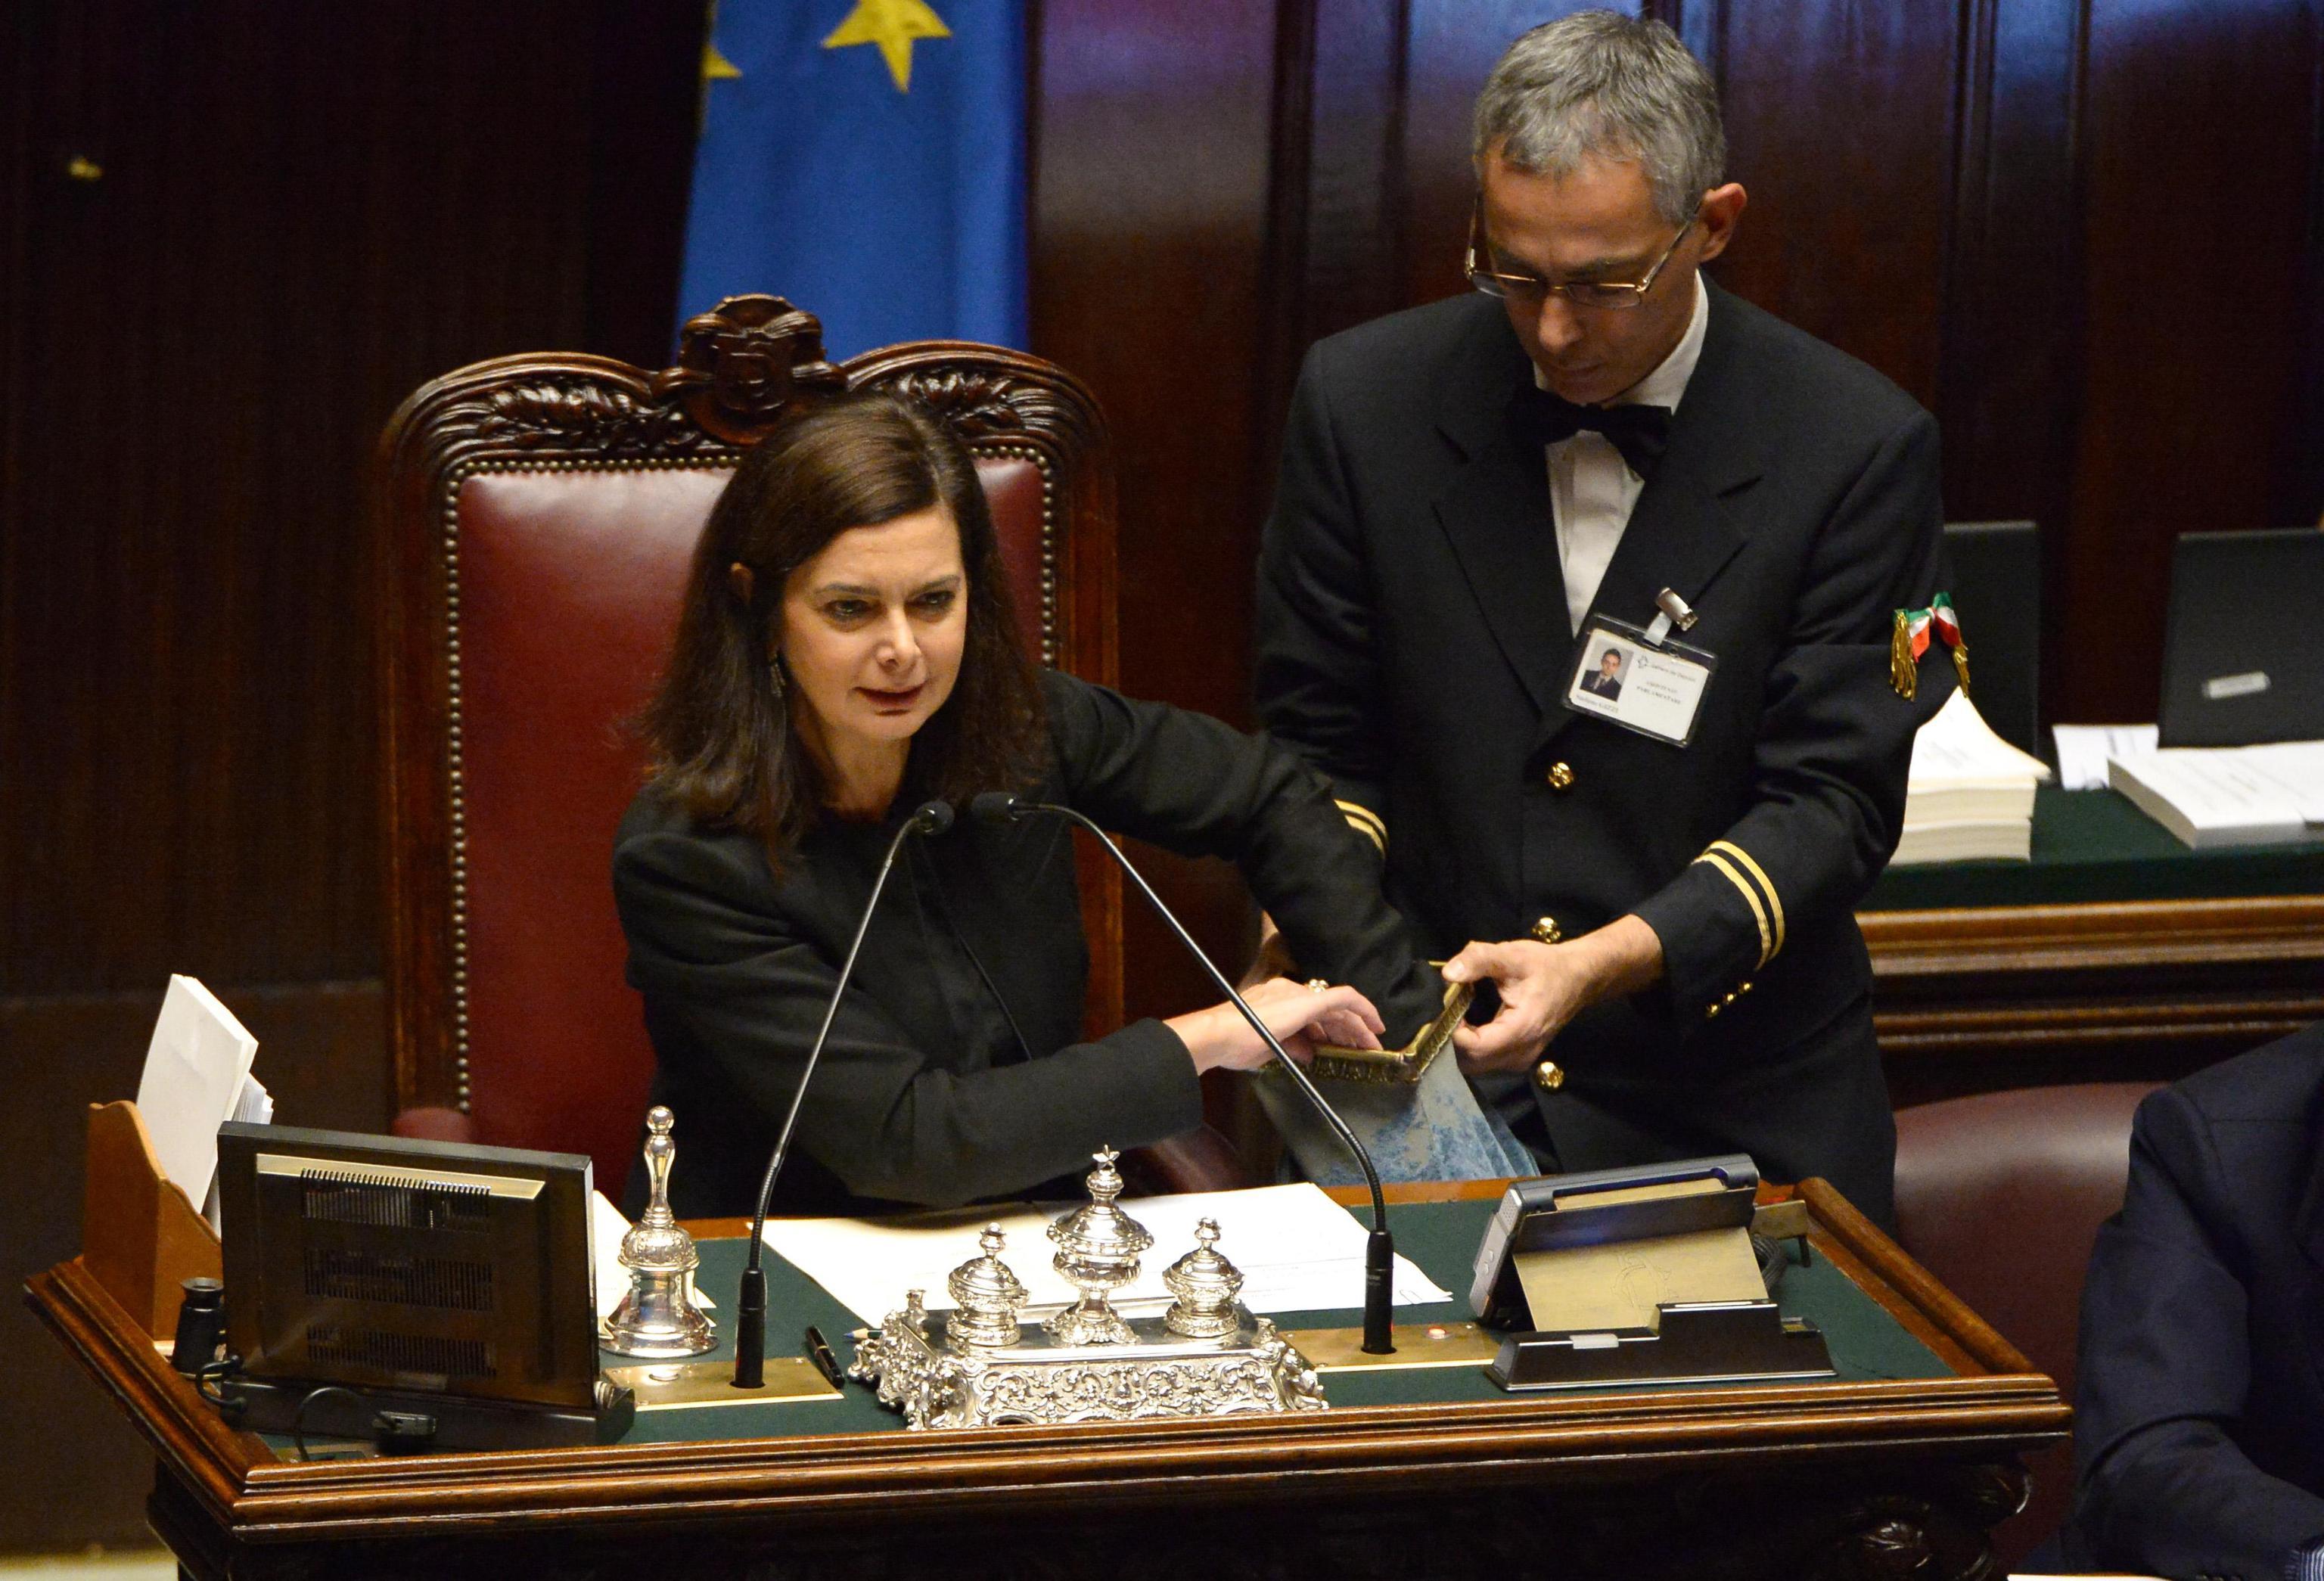 La Boldrini come Ponzio Pilato: di Galan se ne lava ancora le mani